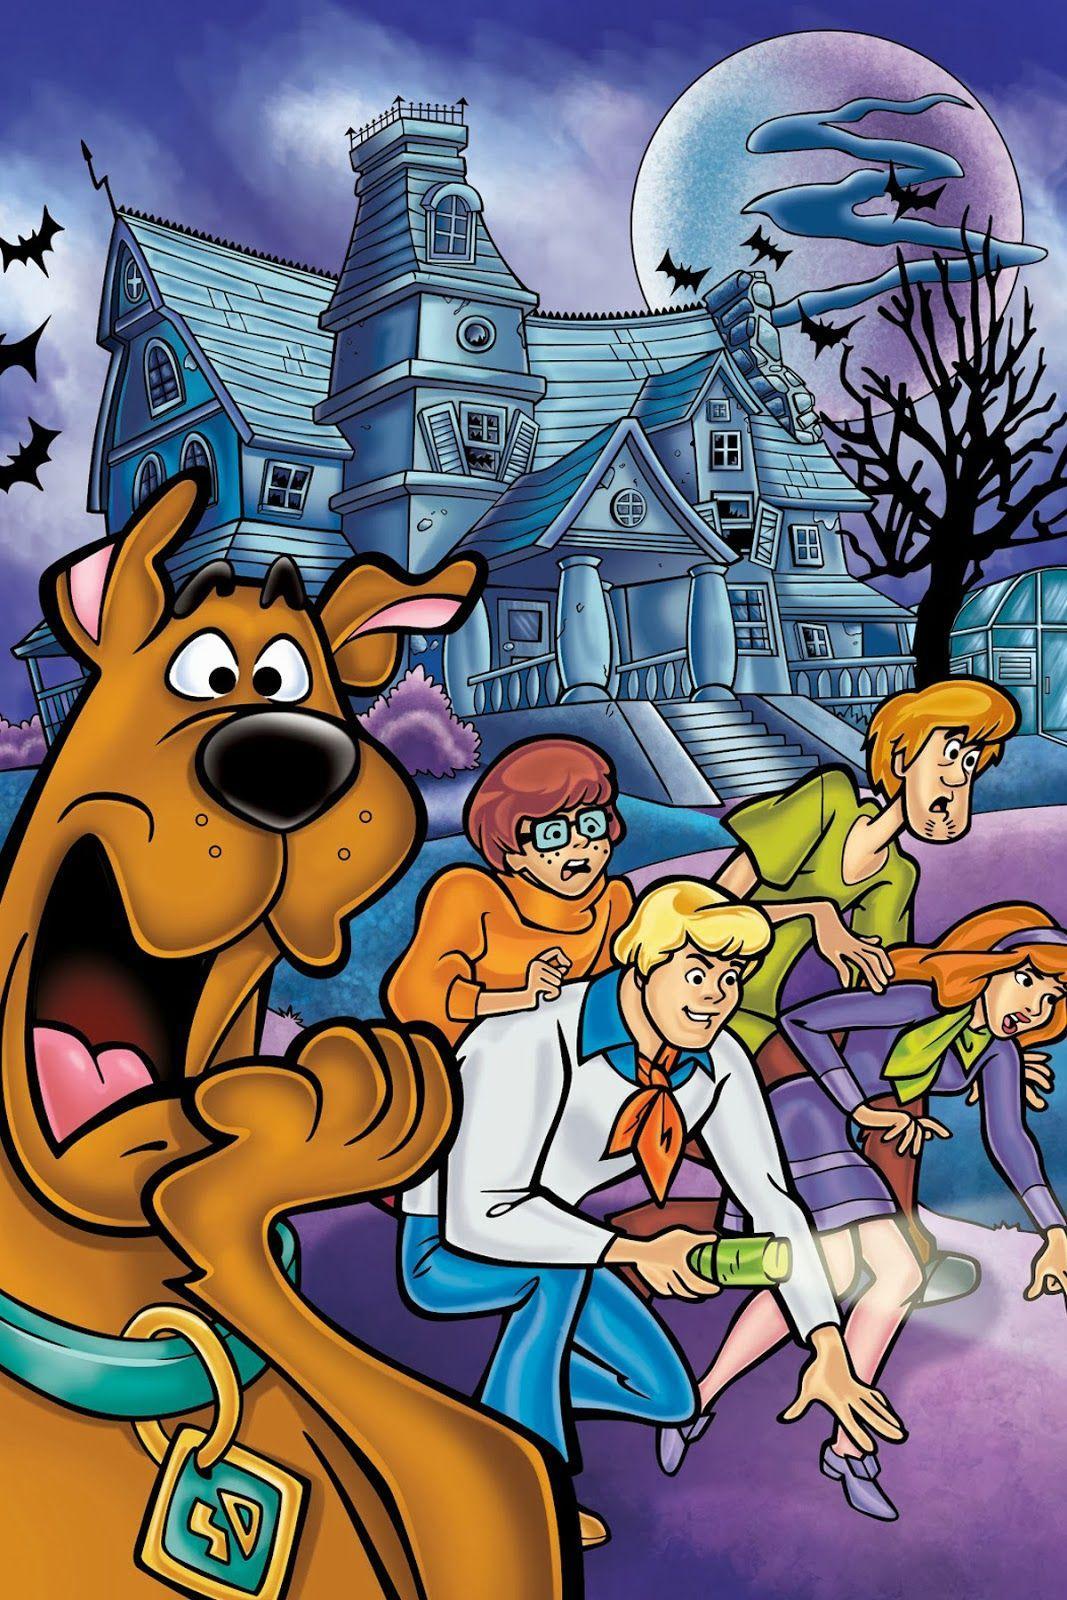 Scooby Doo Iphone Wallpapers Top Free Scooby Doo Iphone